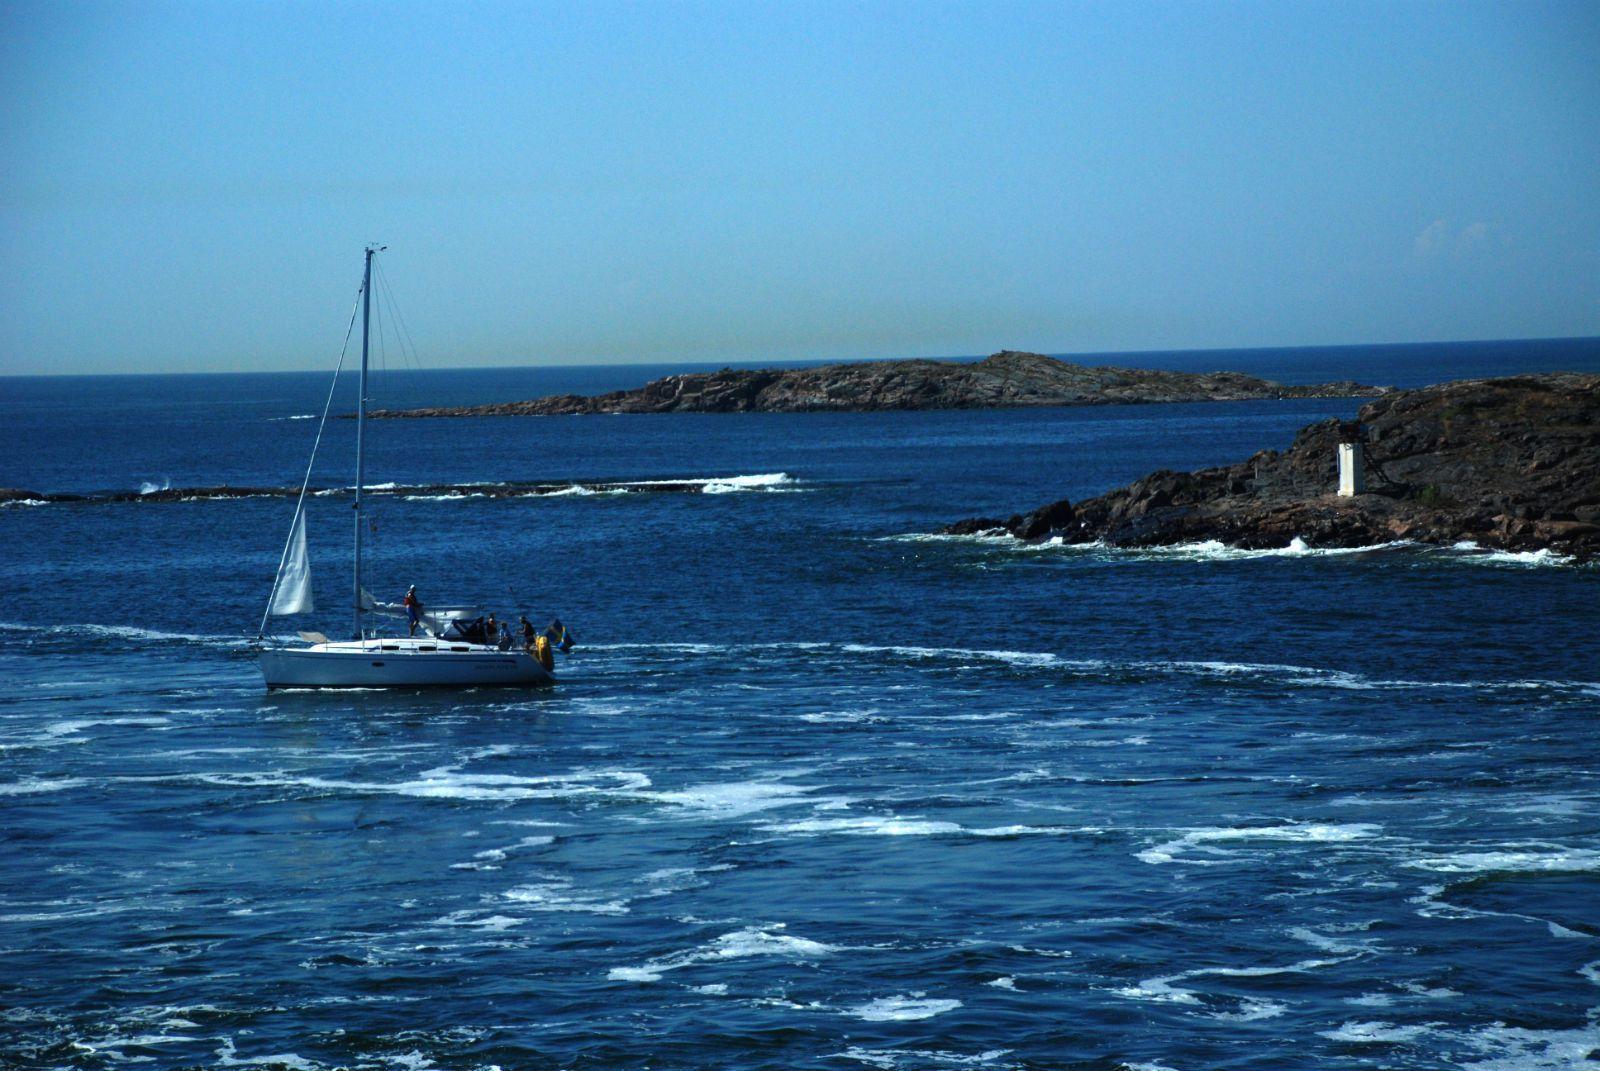 芬兰湾(维京号游轮) 抵达奥兰岛后